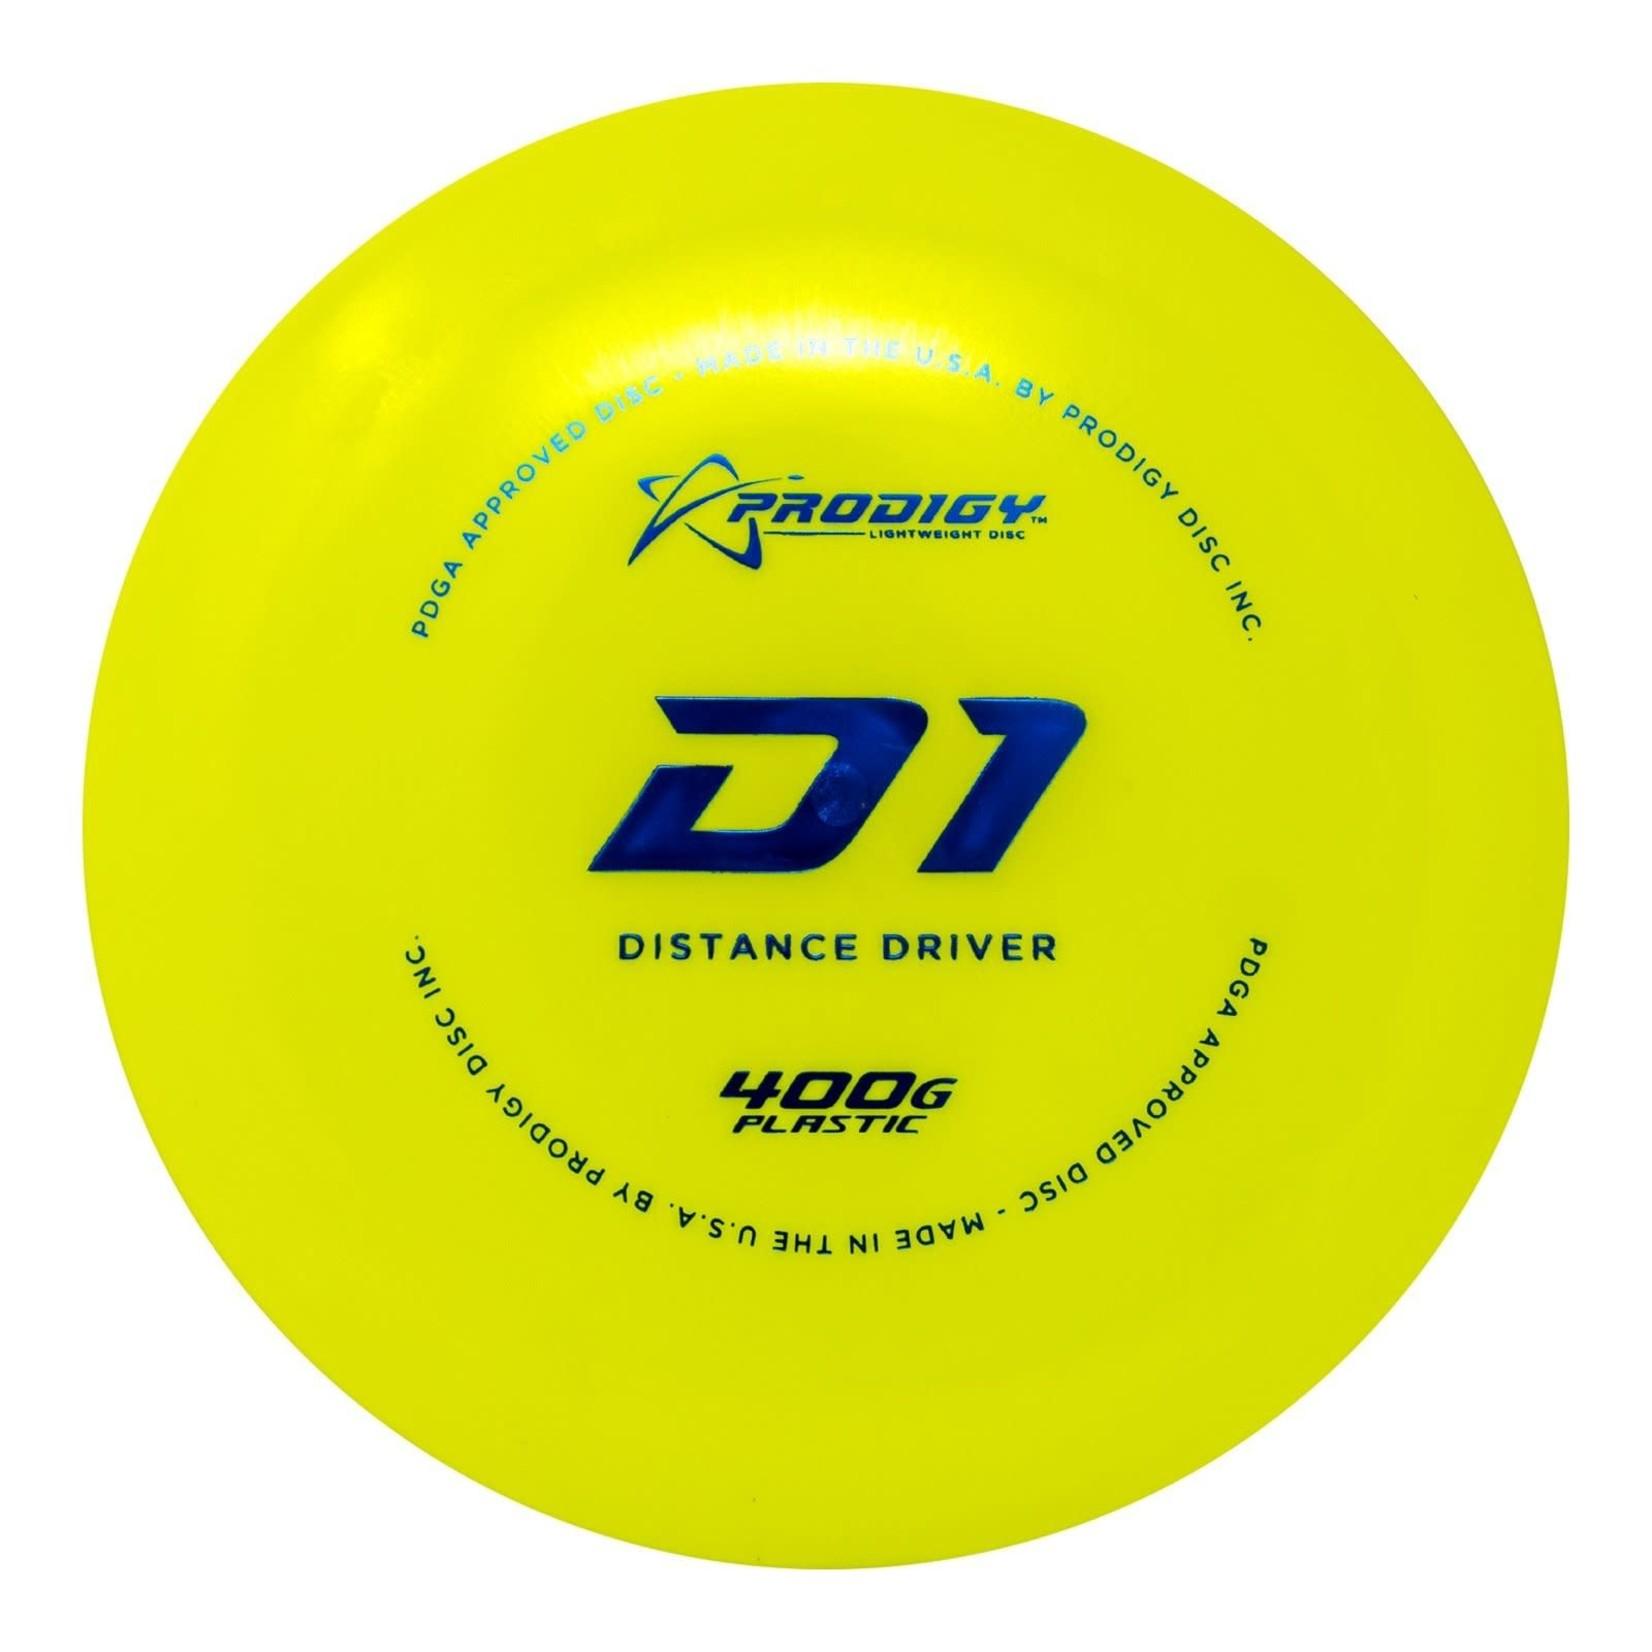 Prodigy Prodigy Disc, D1 Distance Driver, D1-4G-174